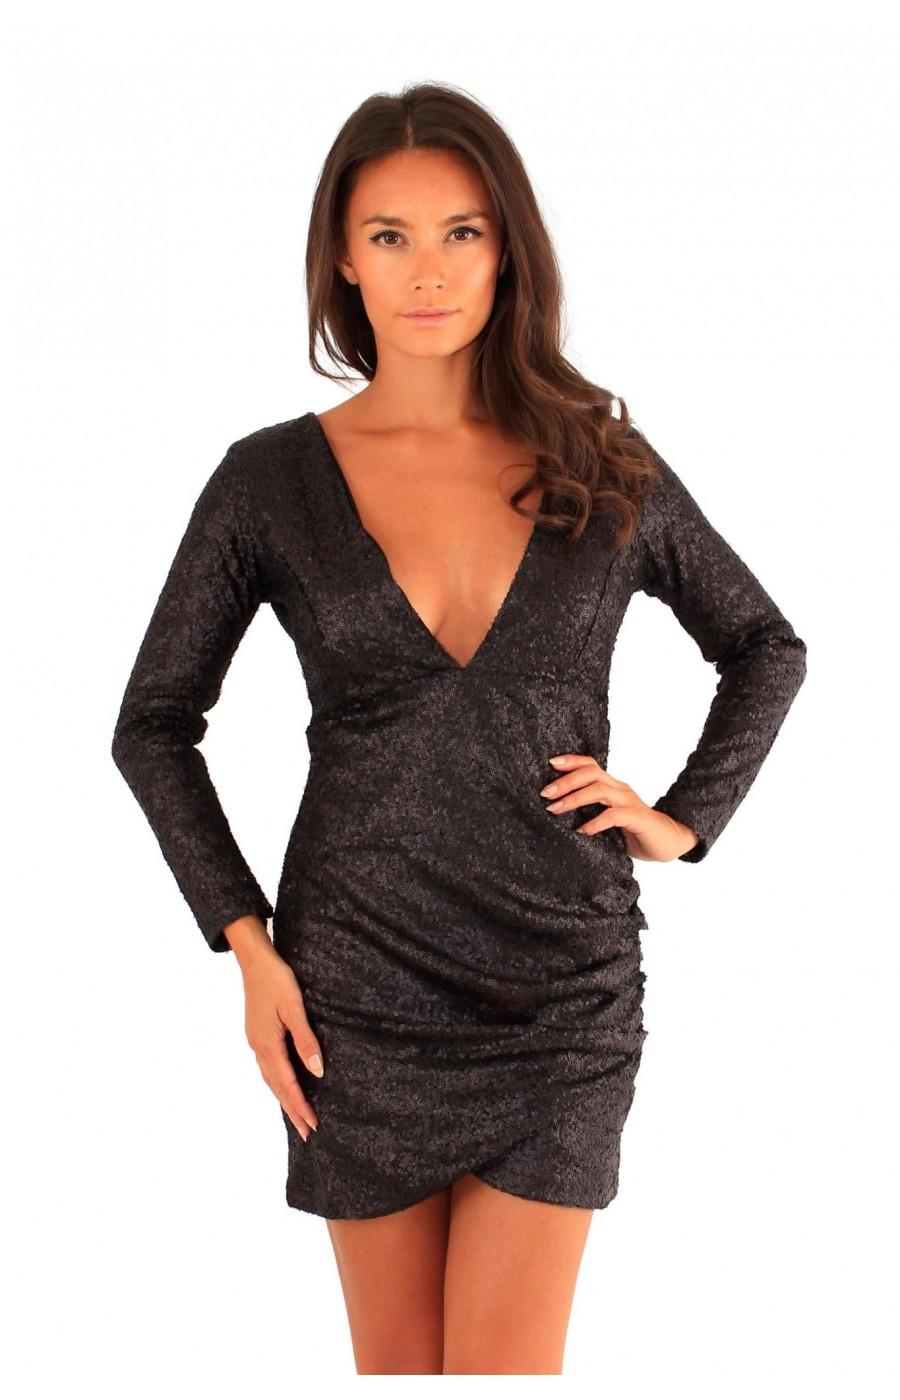 Μινι φόρεμα με μαύρες παγιετες